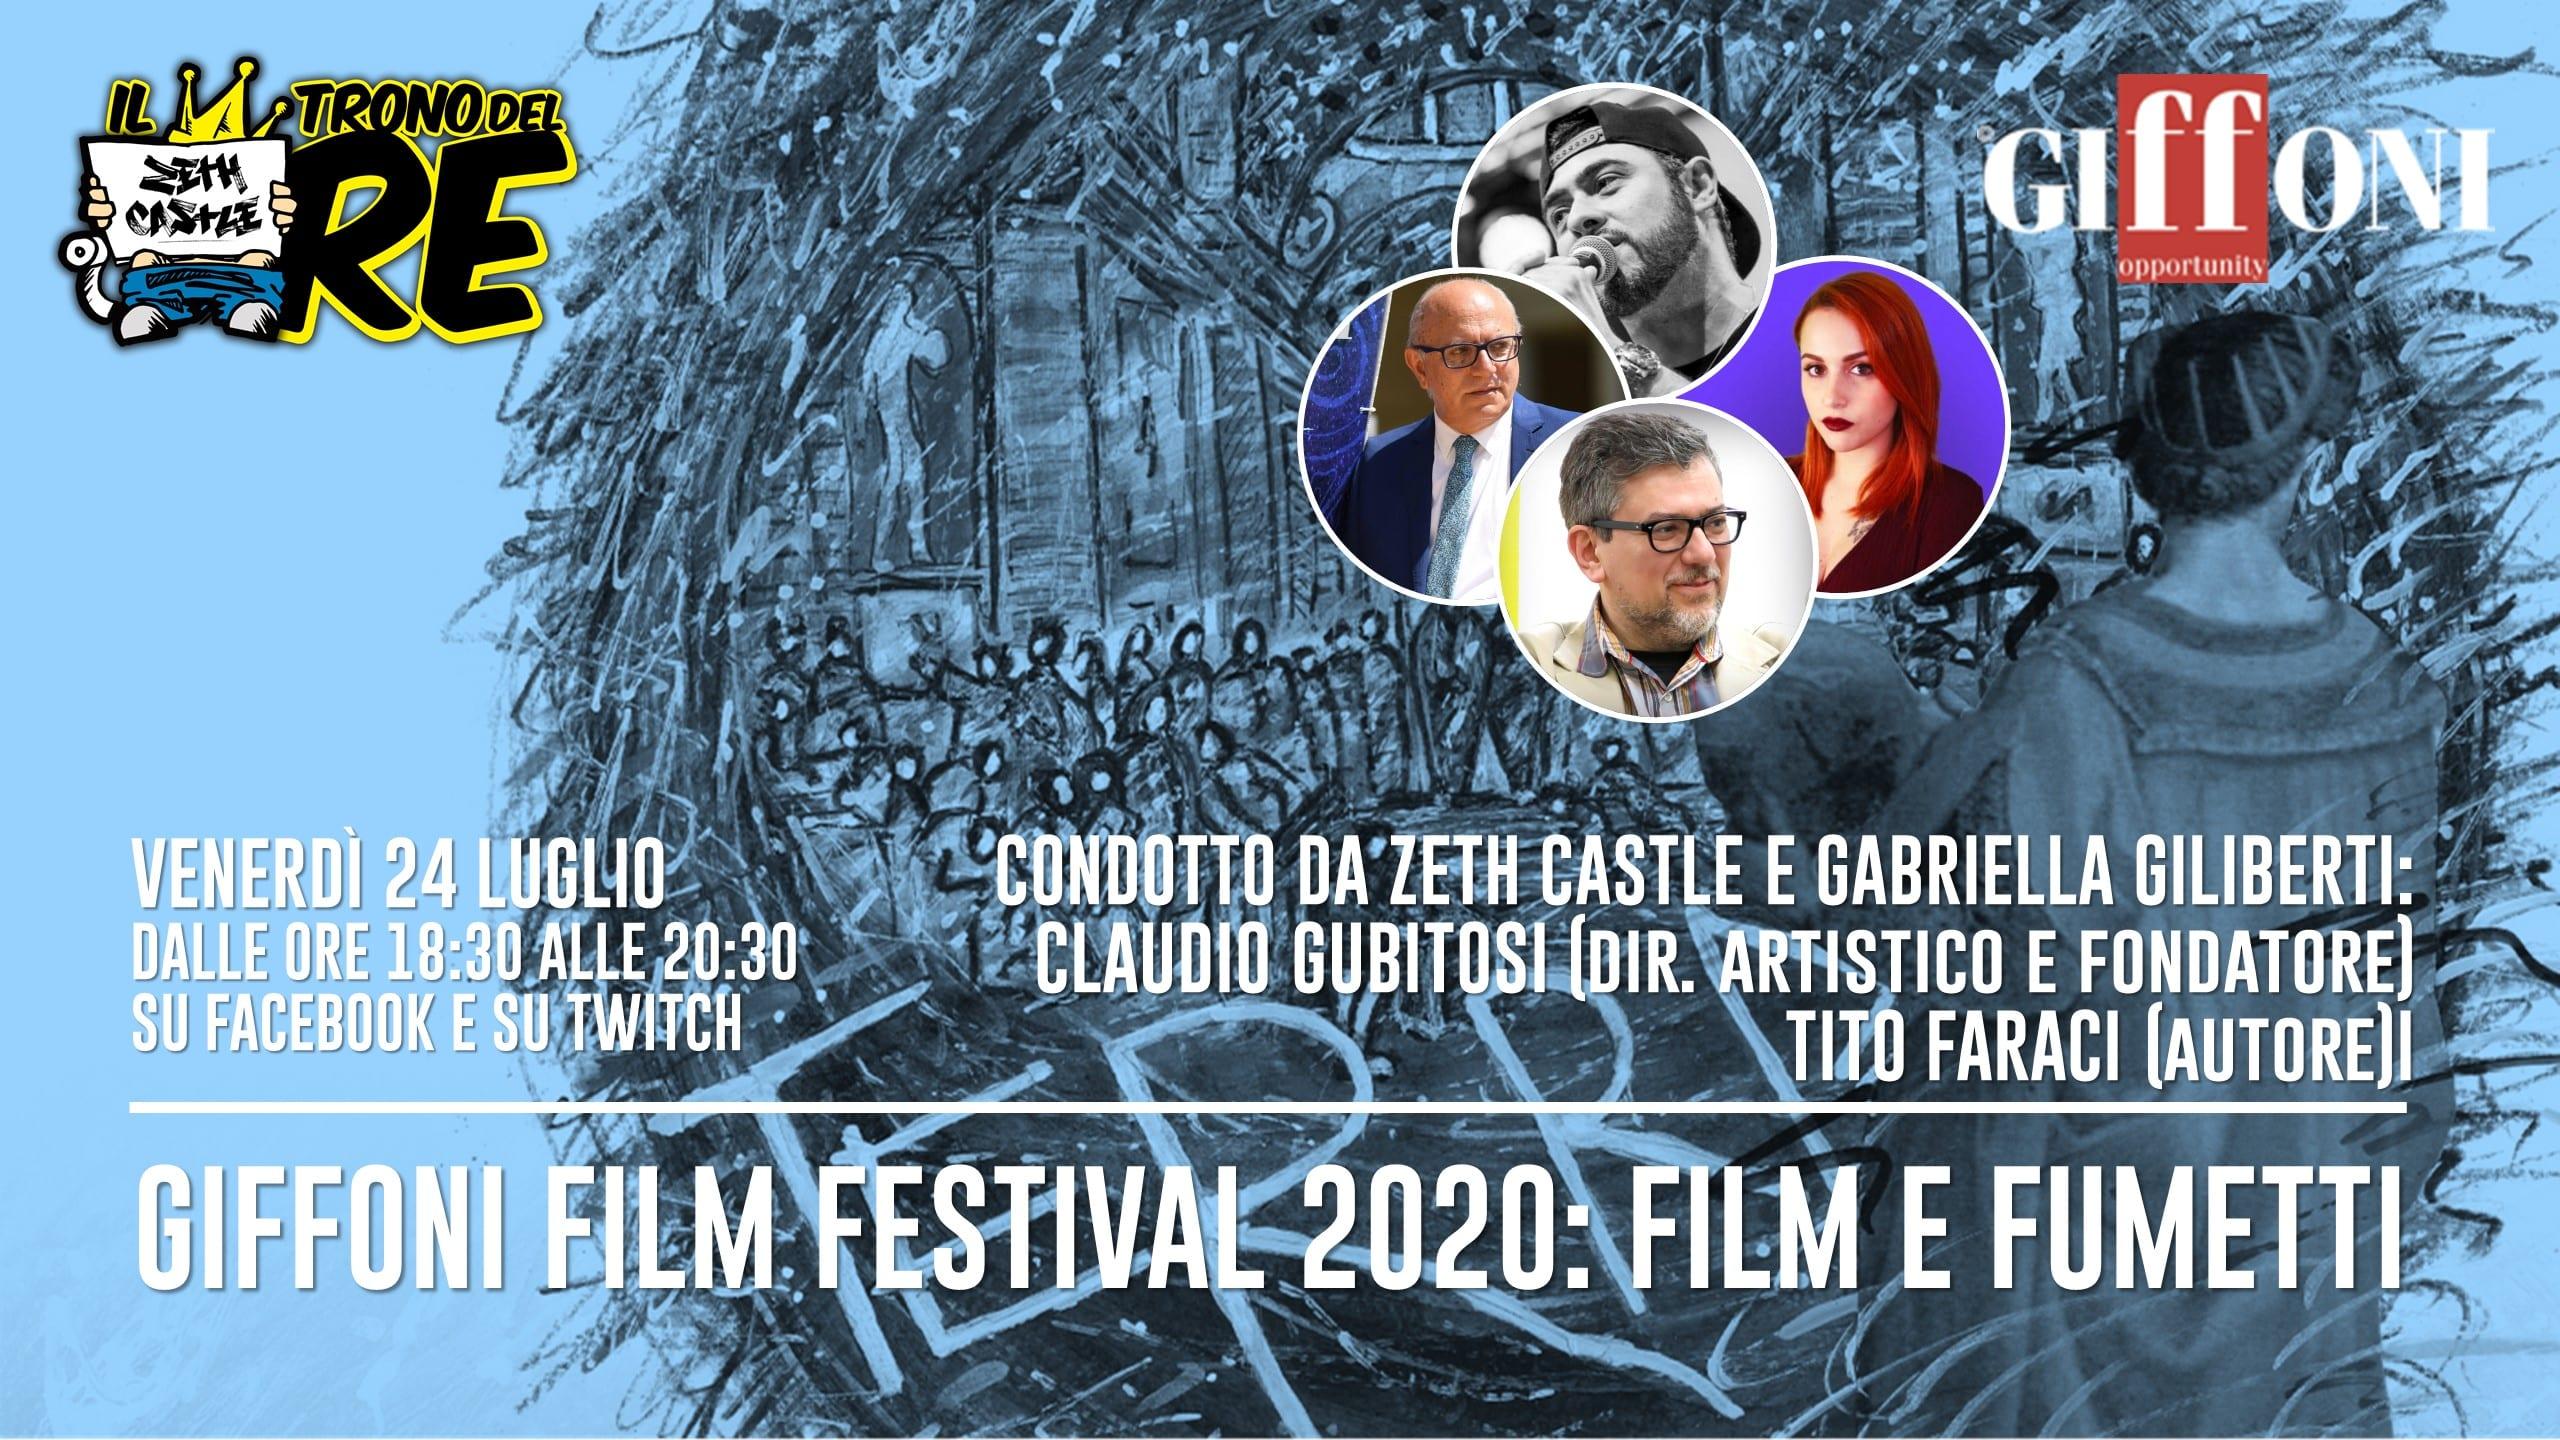 Il Trono del Re: speciale Giffoni Film Festival 2020 con C. Gubitosi e T. Faraci.